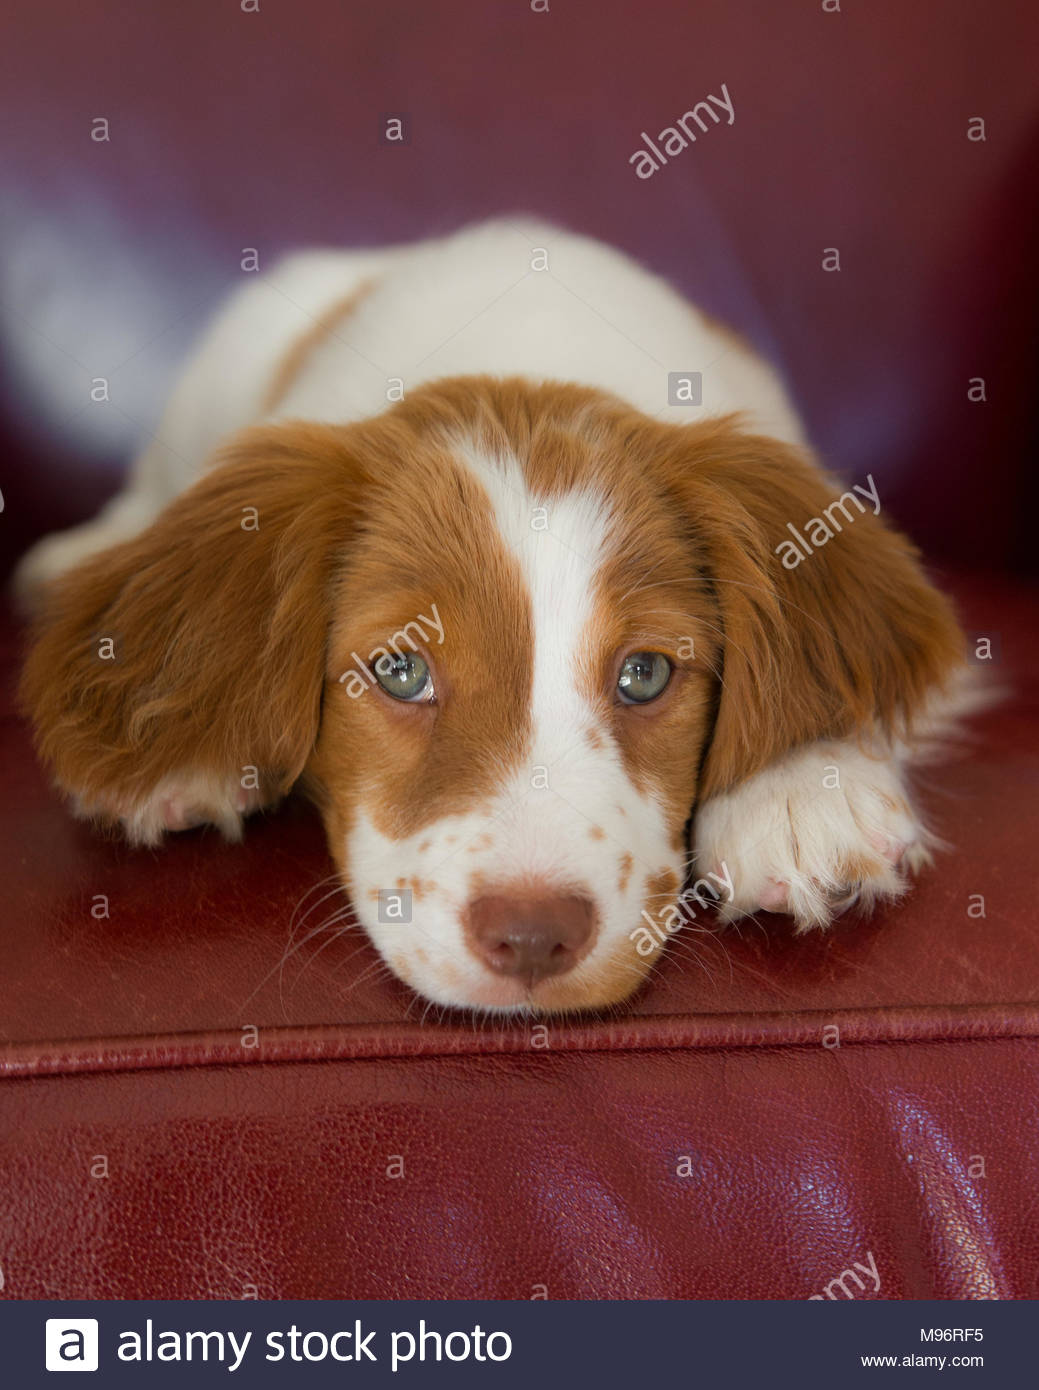 Braune und weiße Brittany Spaniel Welpen mit blauen Augen ihren Kopf auf die Pfoten und schauen in die Kamera Stockbild